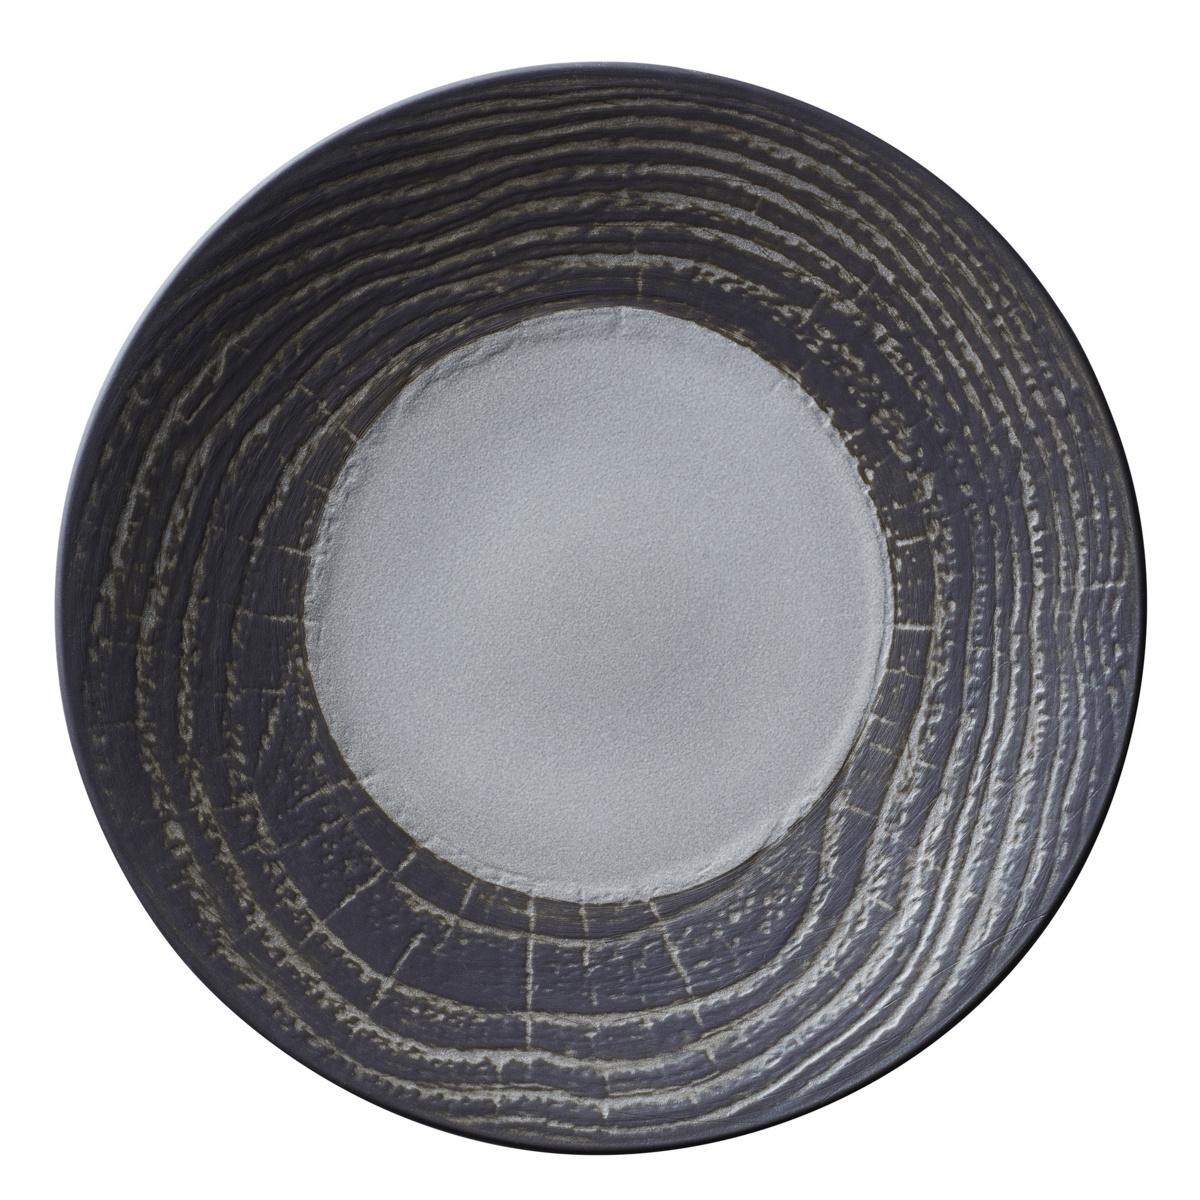 Assiette coupe plate ronde poivre porcelaine Ø 31 cm Arborescence Revol